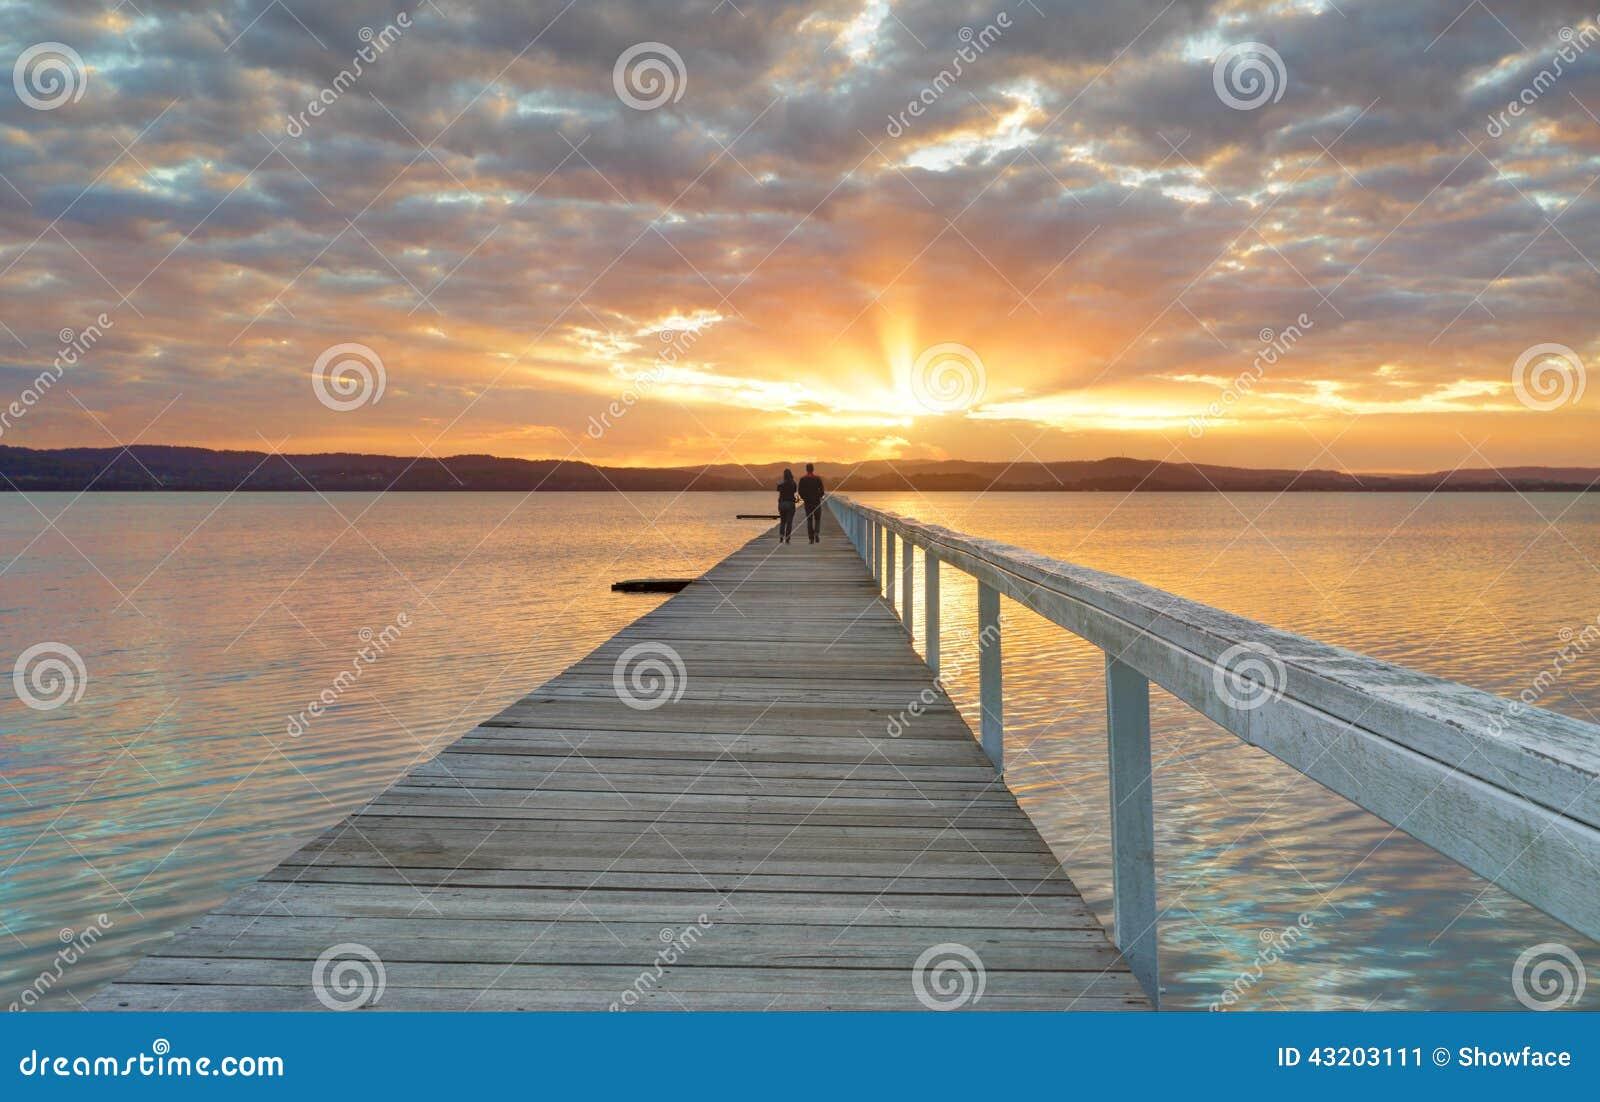 Download Solnedgång På Den Långa Bryggan Redaktionell Bild - Bild av vatten, australasian: 43203111